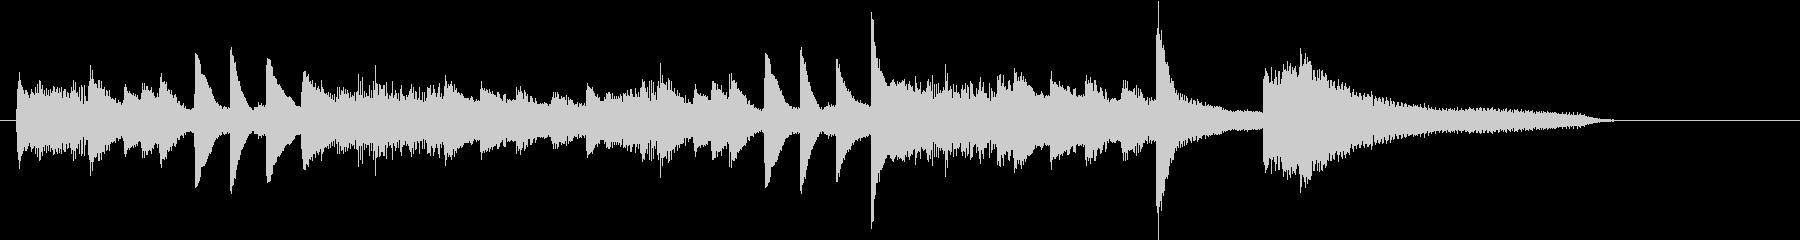 お正月・春の海モチーフのピアノジングルDの未再生の波形